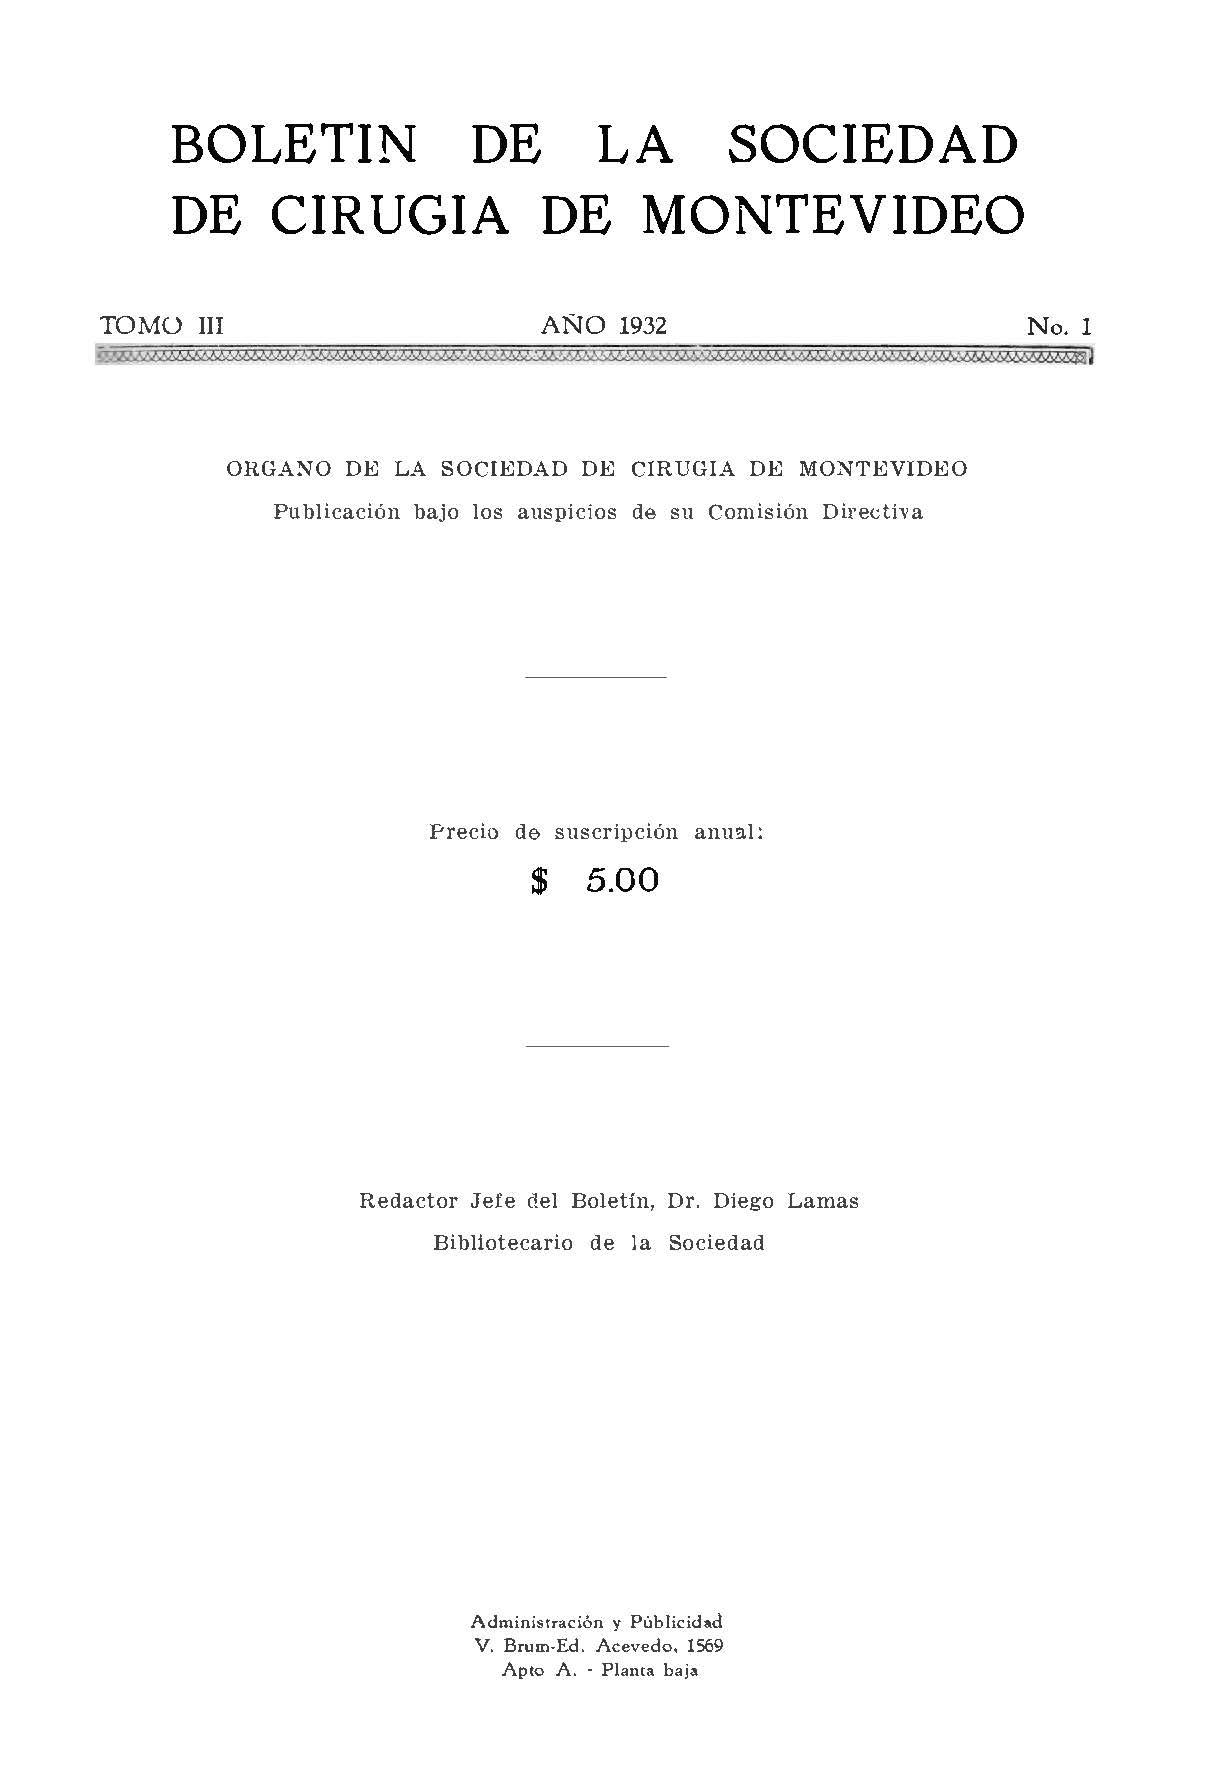 Ver Vol. 3 Núm. 1 (1932): Boletín de la Sociedad de Cirugía de Montevideo